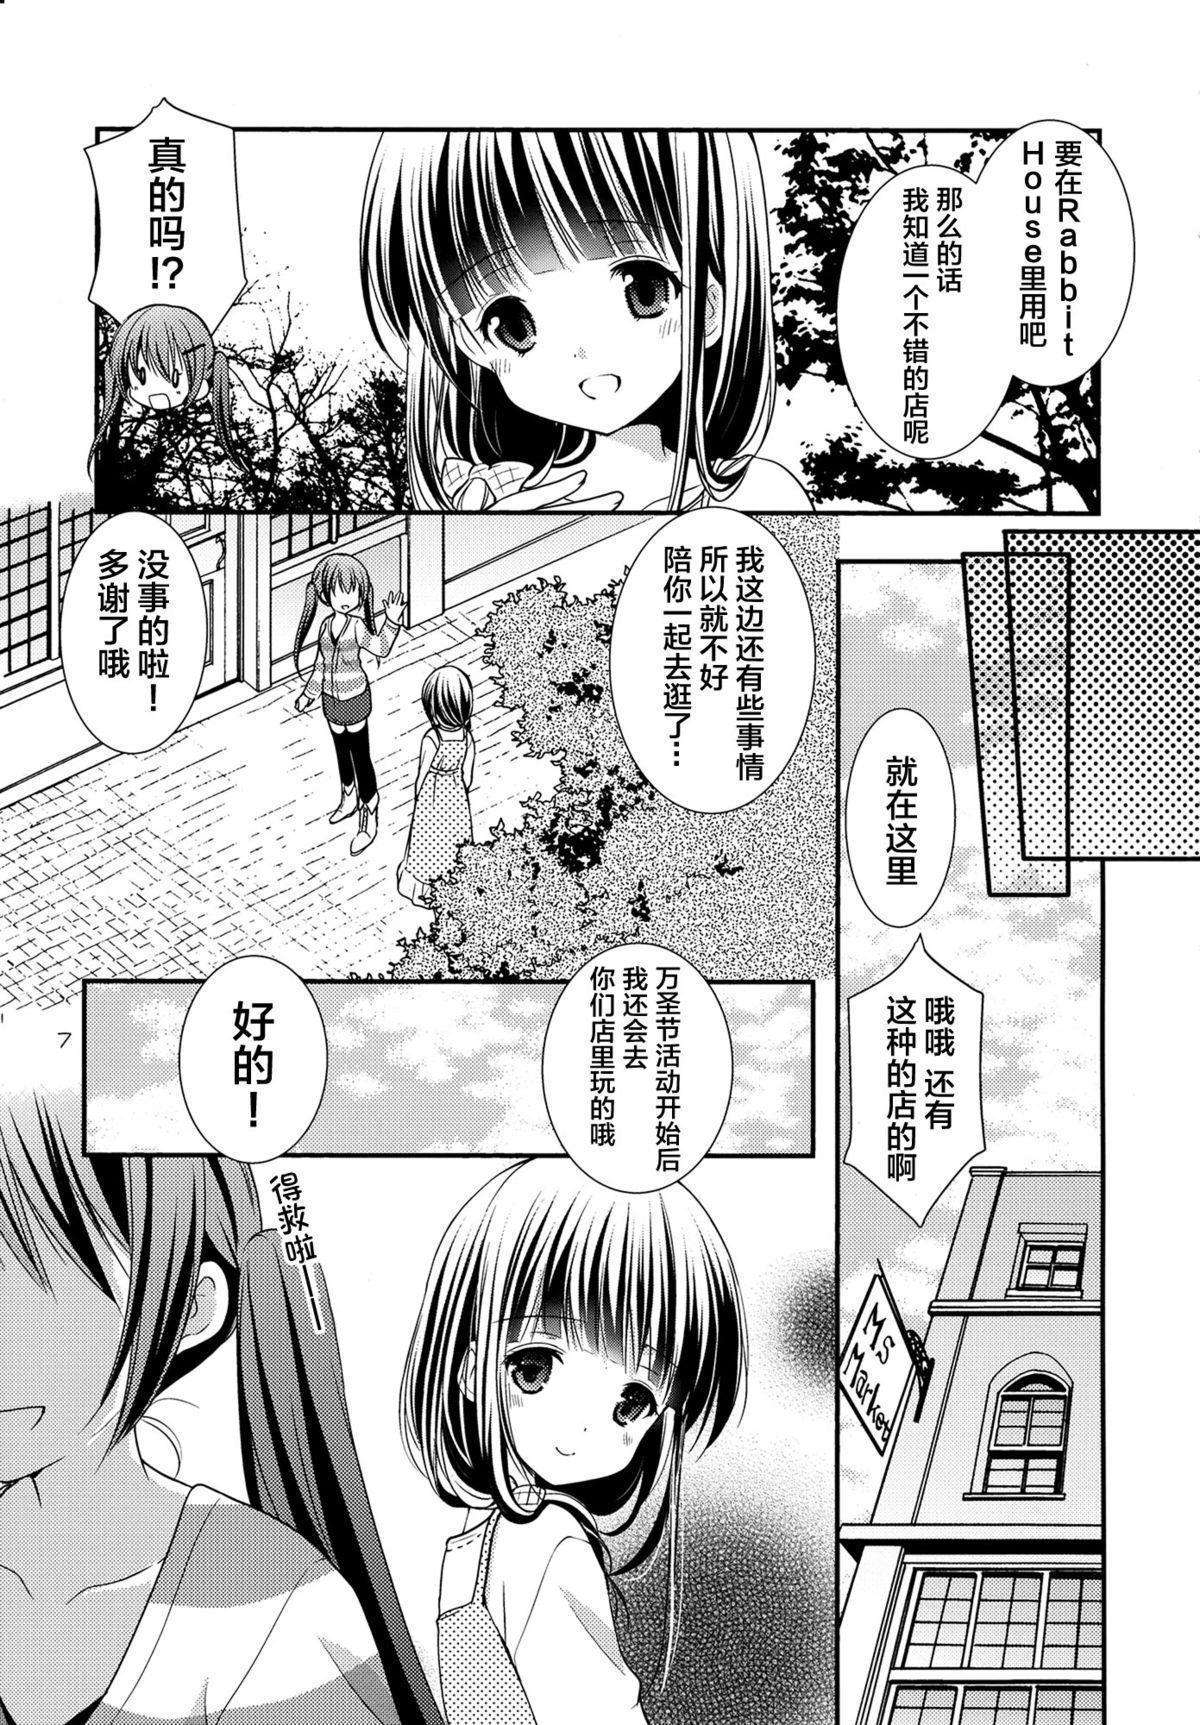 Sharo to Rize no Himitsu no Lesson 6